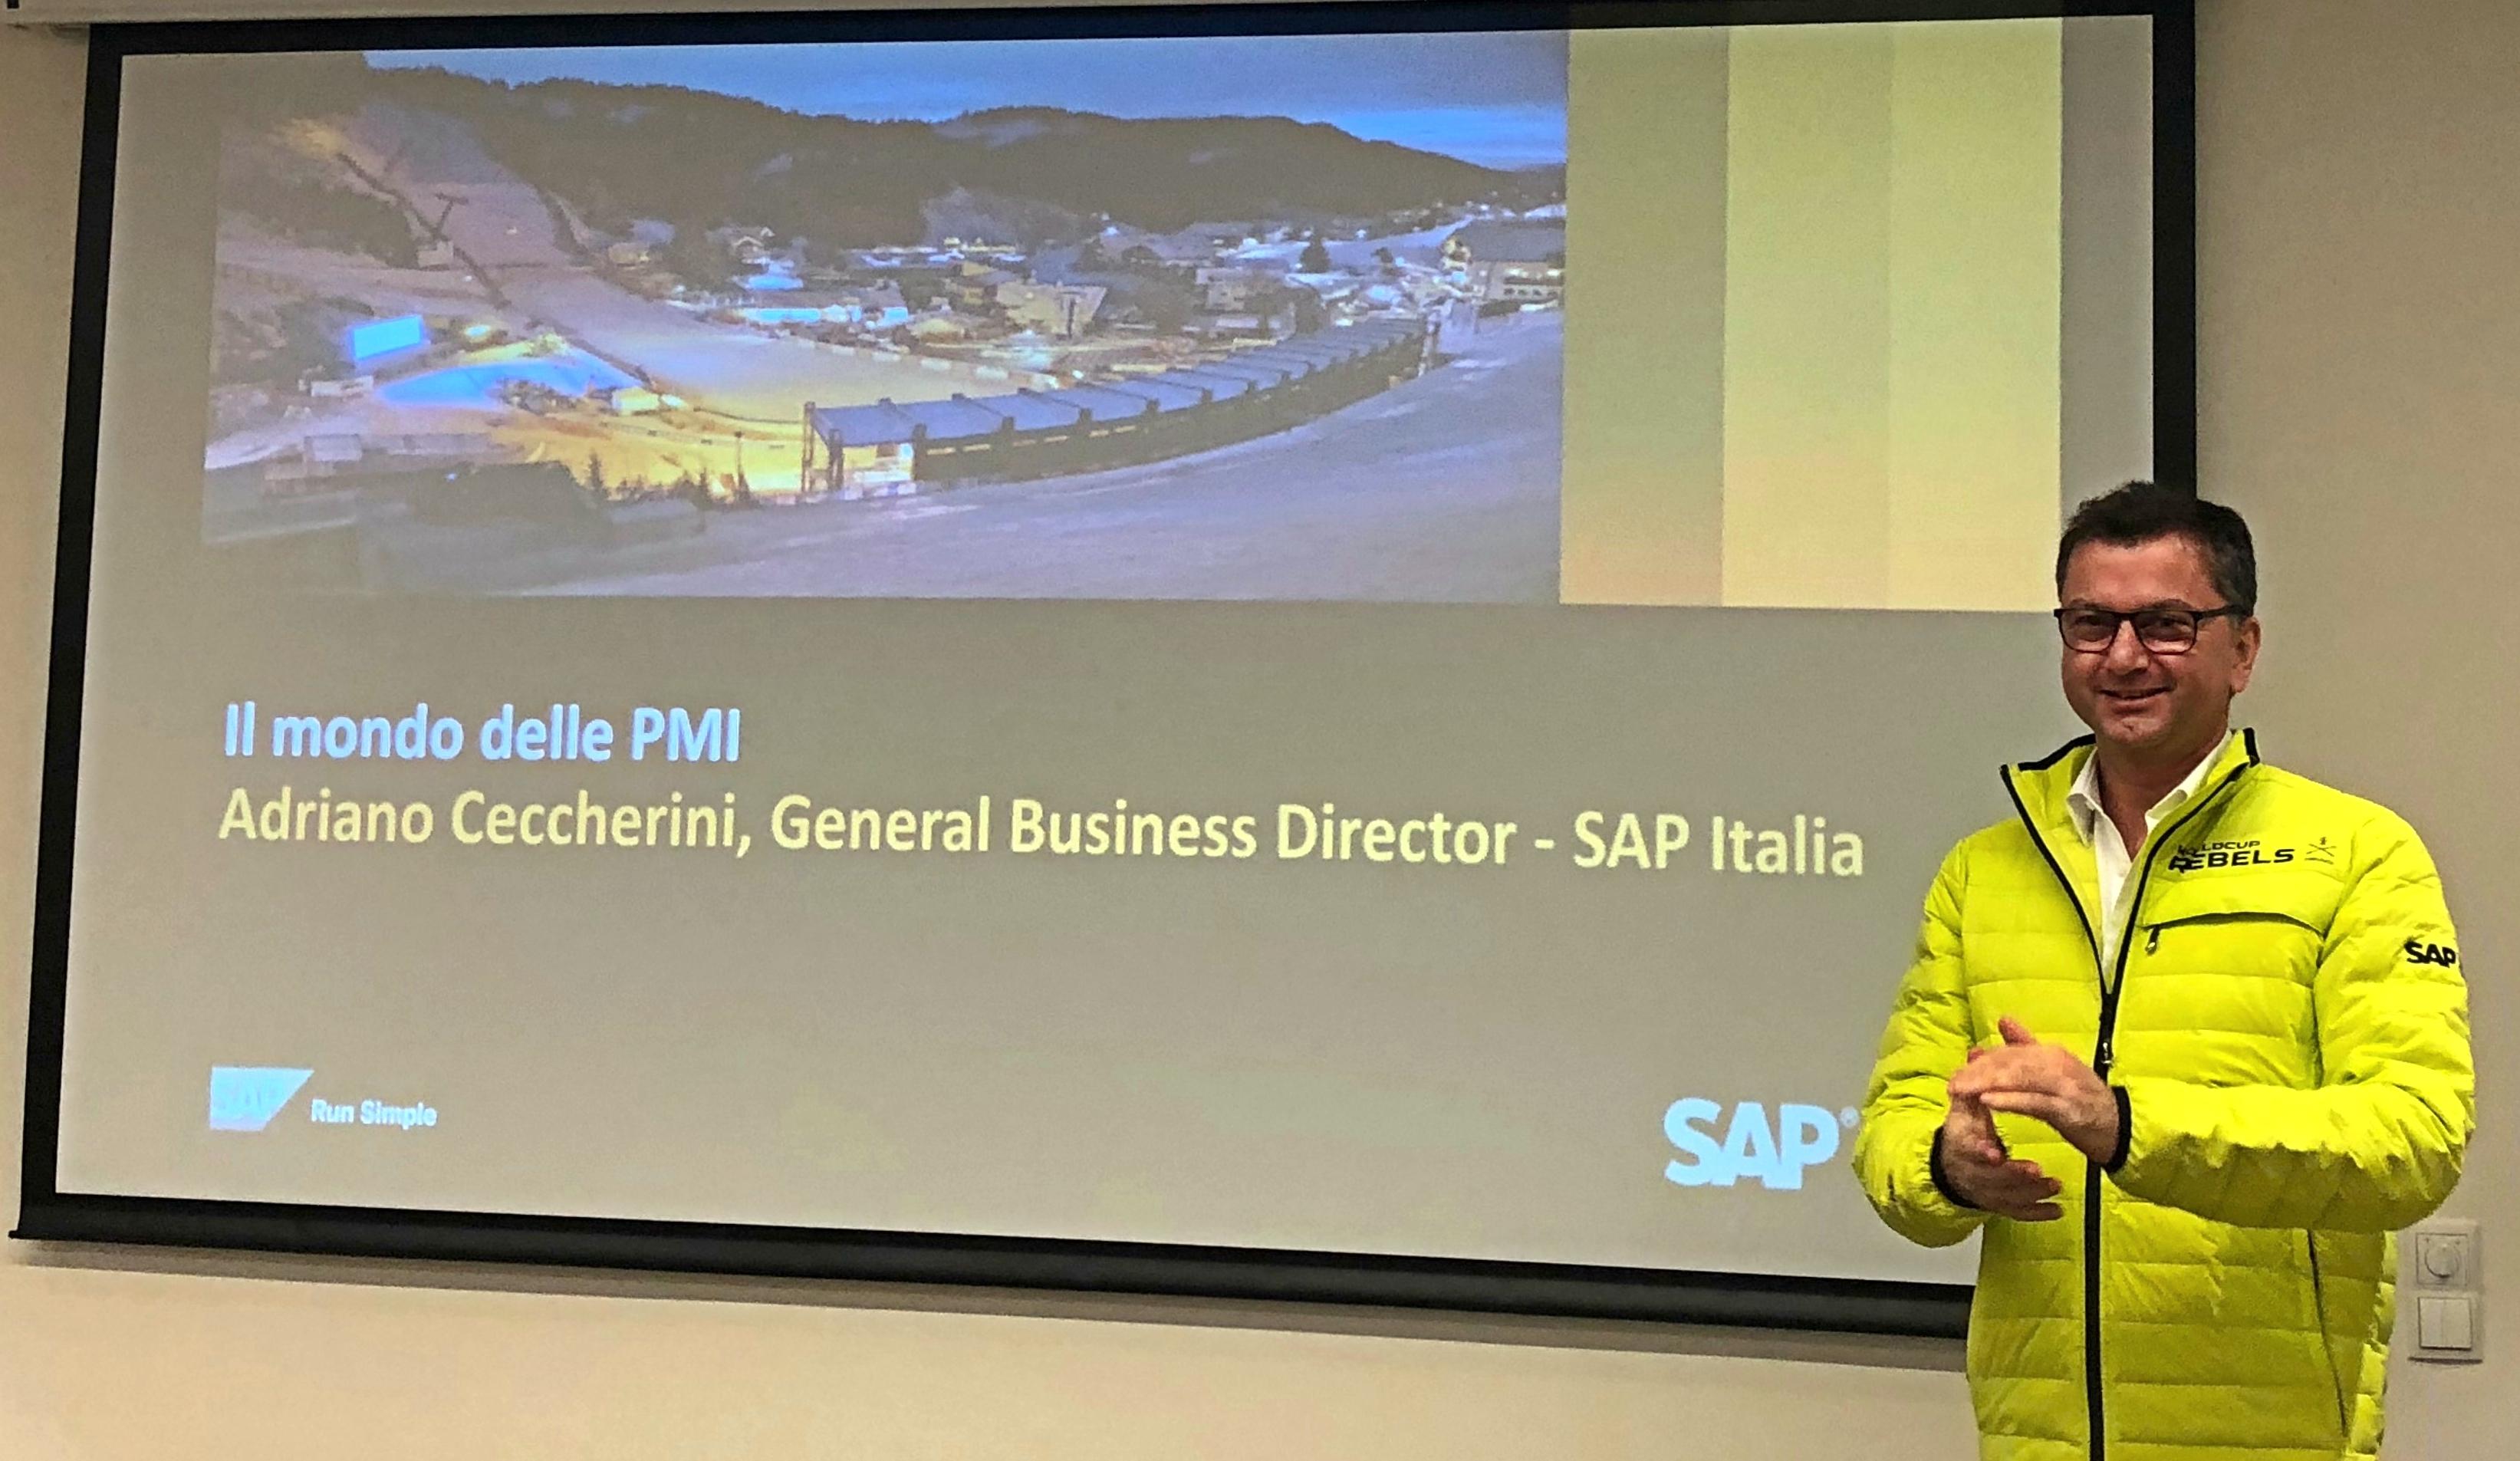 Adriano Ceccherini, SME Sales Director di SAP Italia